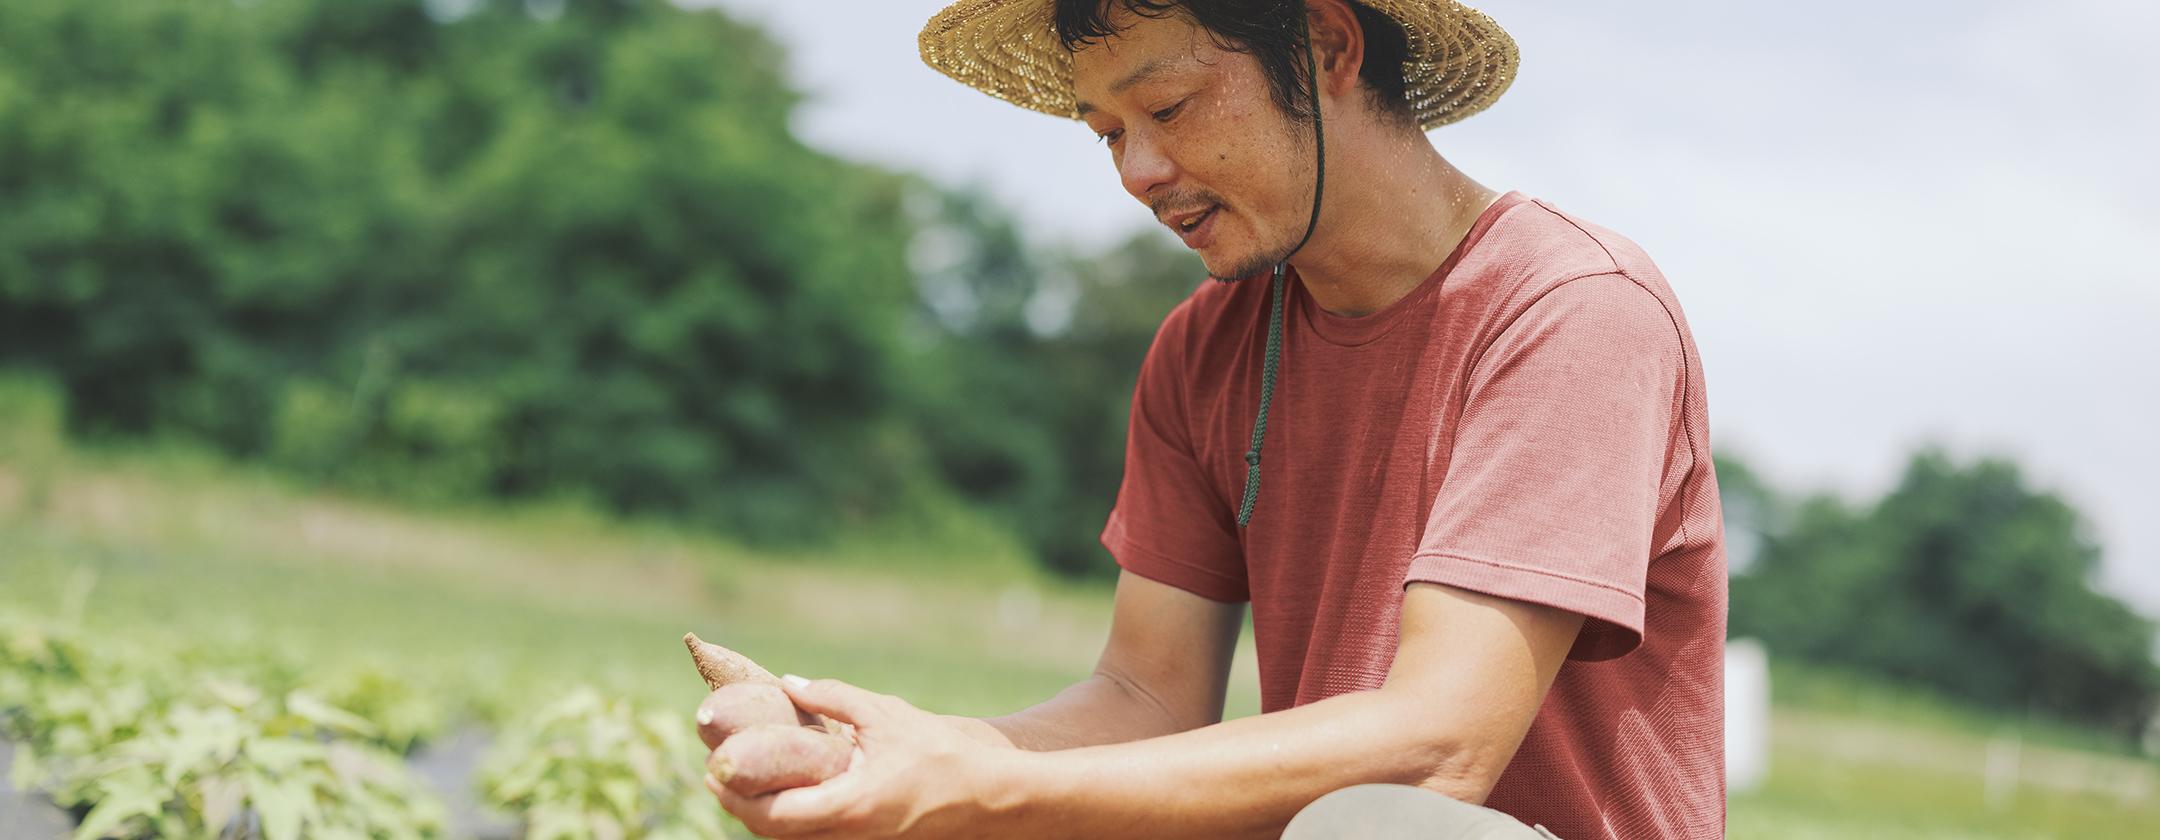 畑で取れたサツマイモを眺める男性の写真